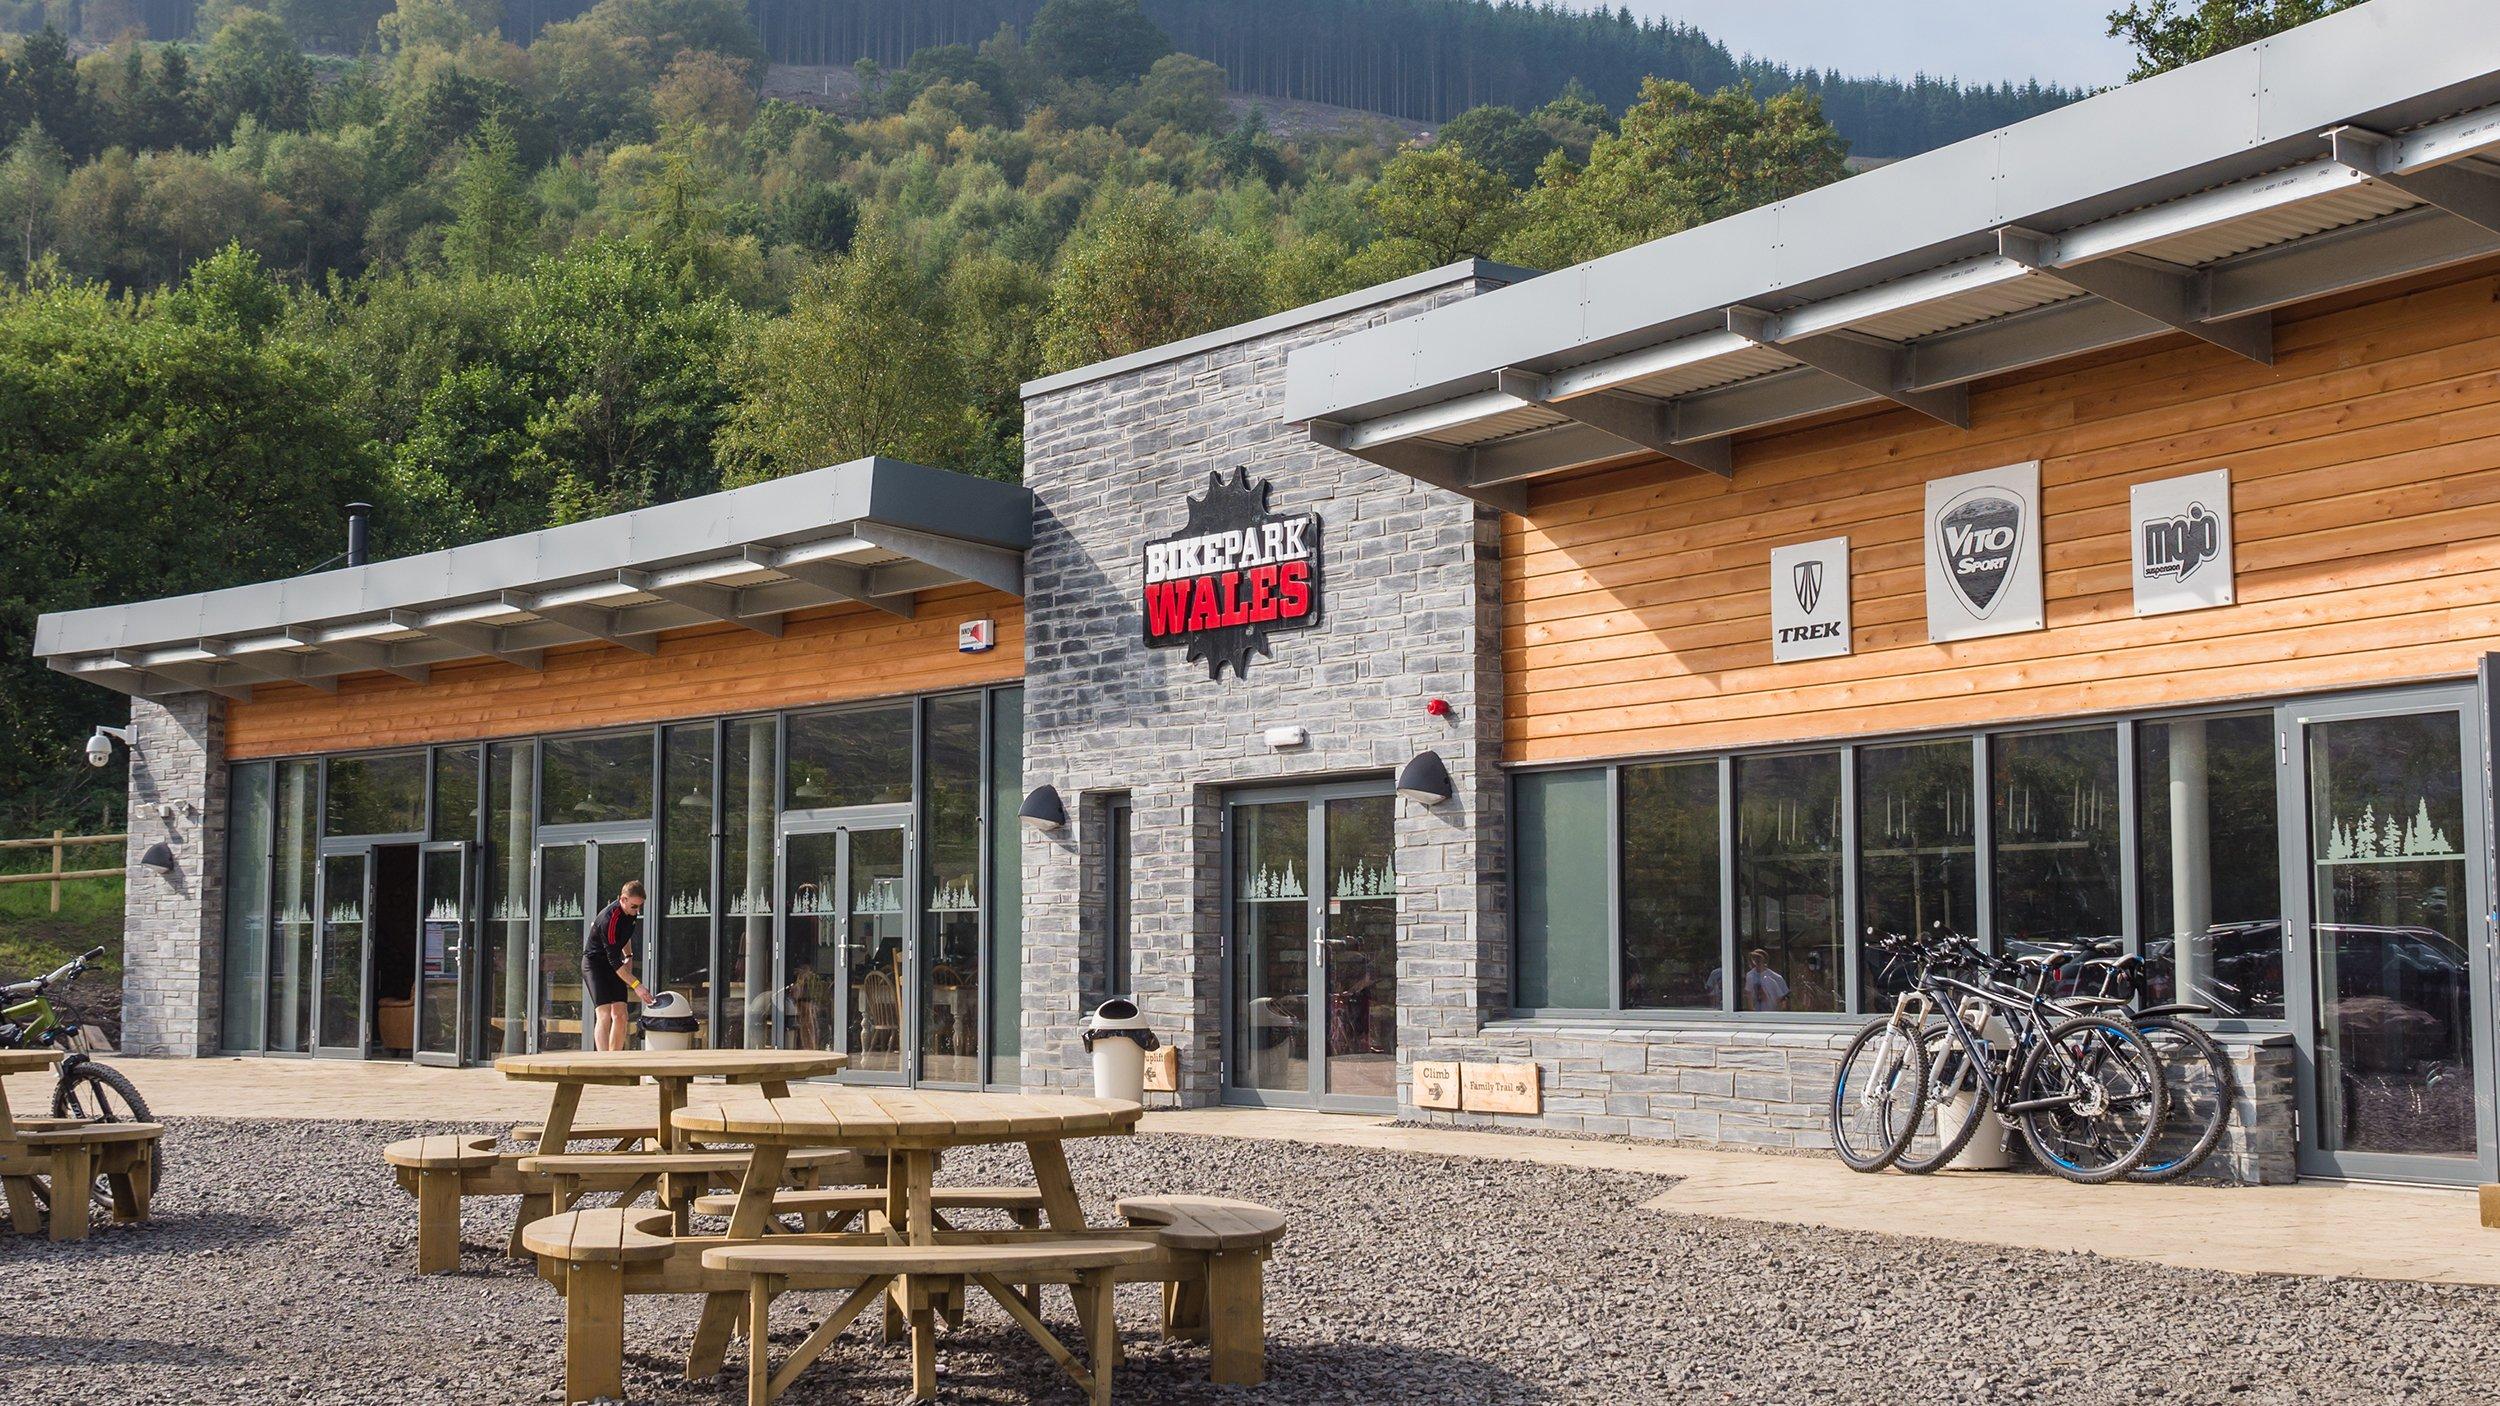 vélo électrique ride in Wales